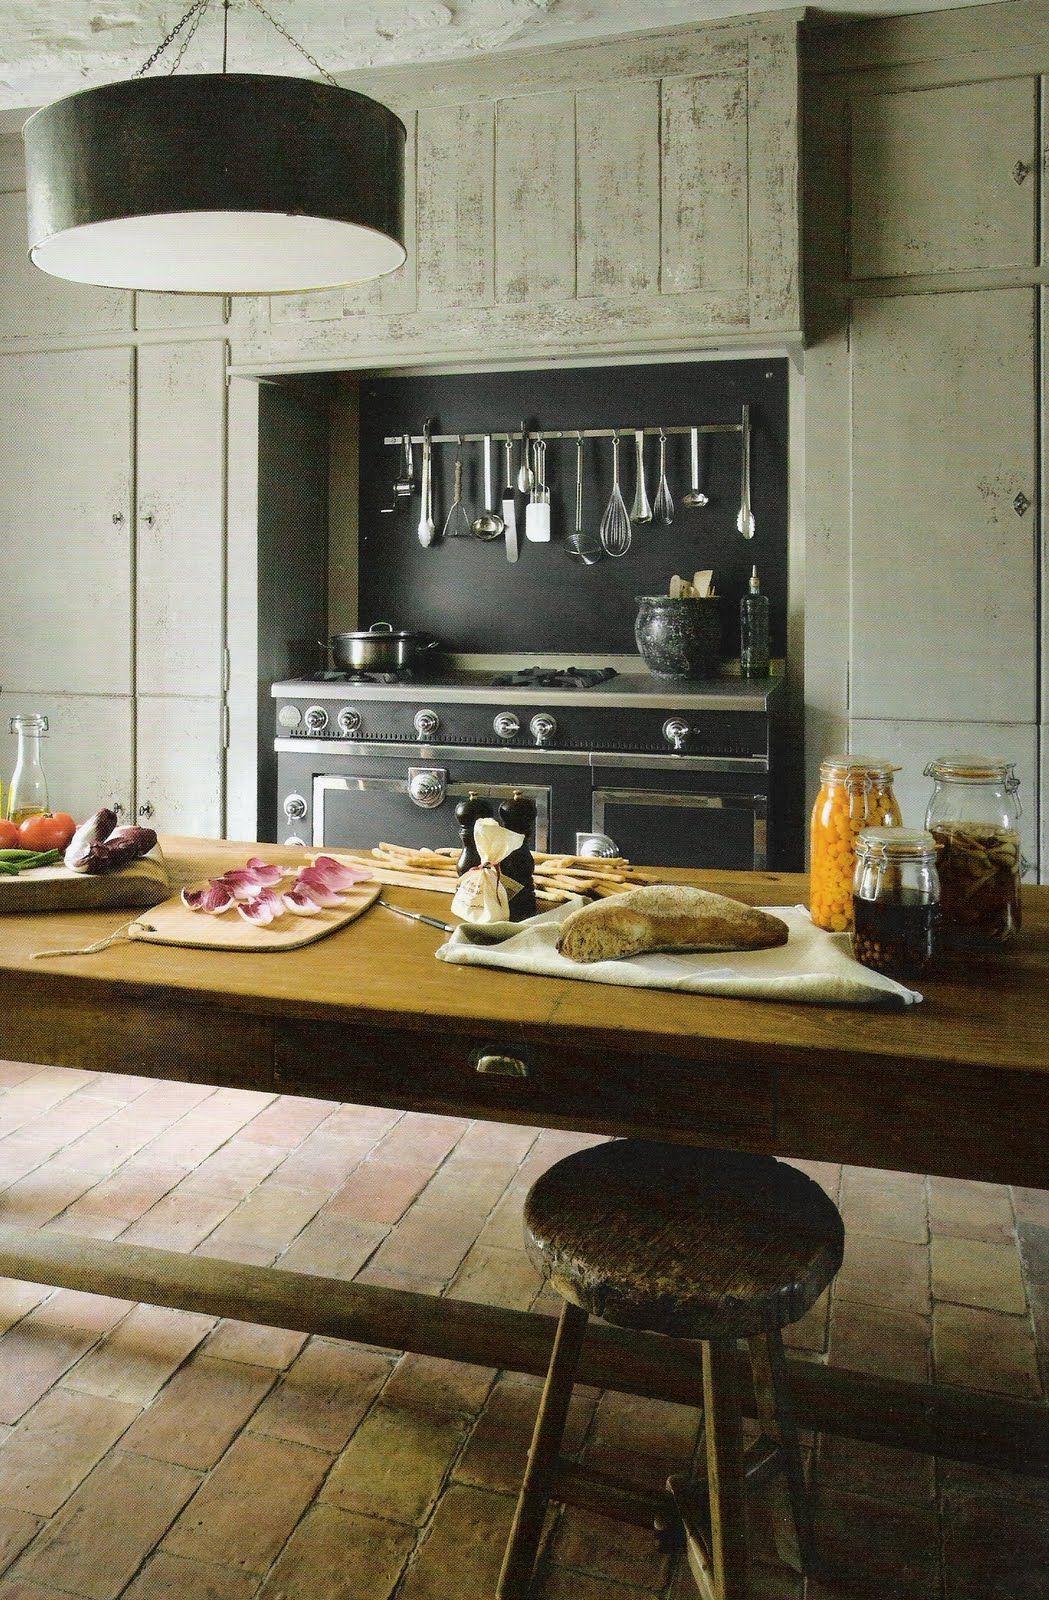 La Cornue Kitchen Designs Ideas Cool Design Inspiration